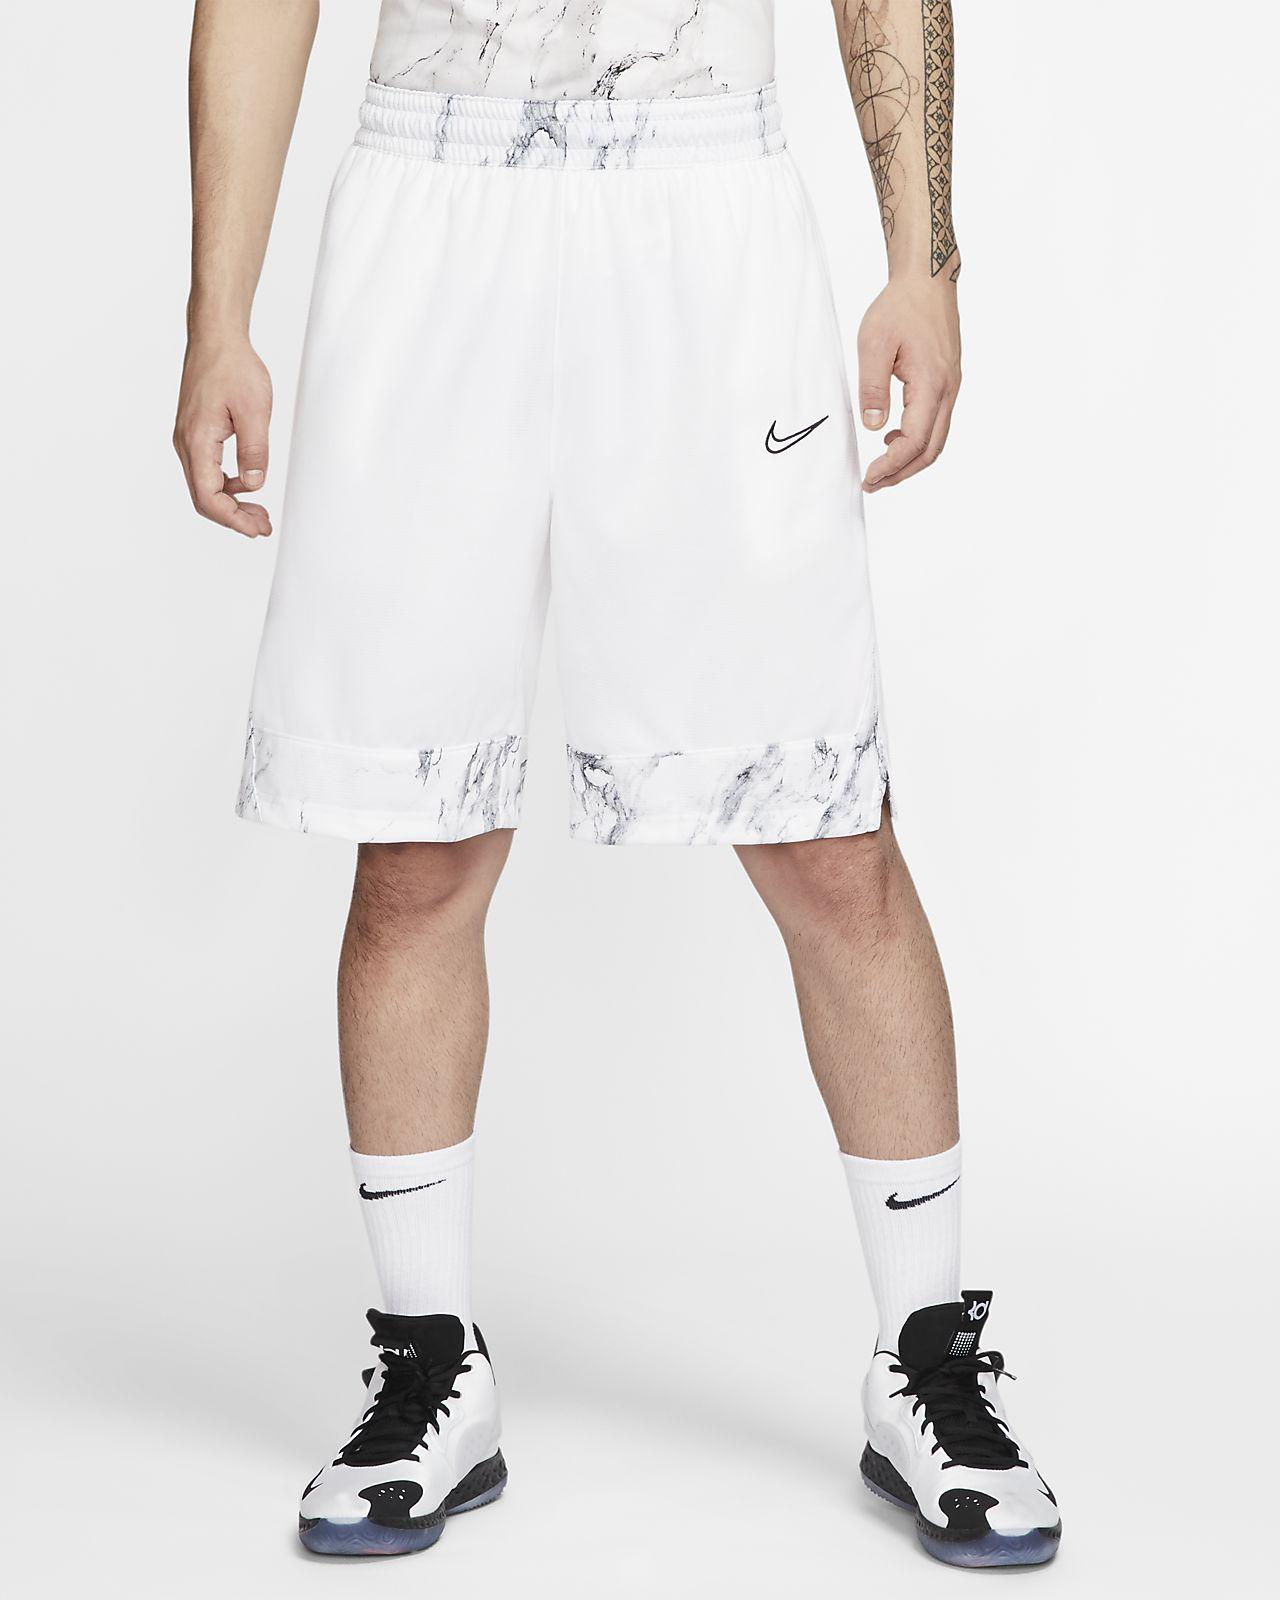 กางเกงบาสเก็ตบอลขาสั้นผู้ชาย Nike Dri-FIT Icon